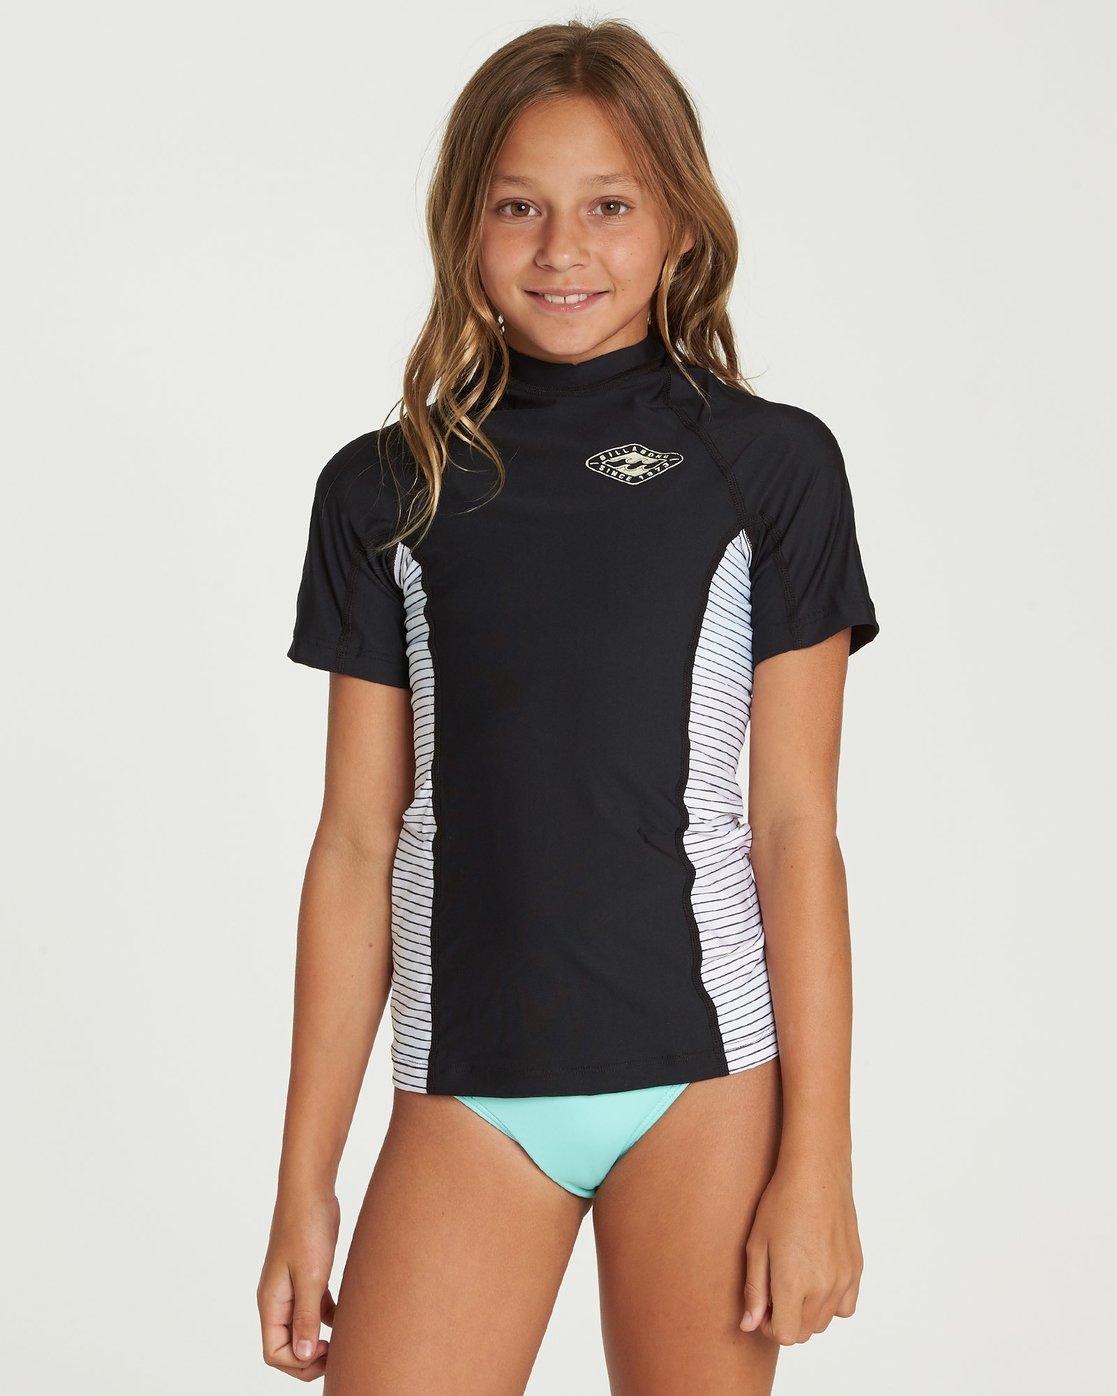 Billabong Girls Surf Dayz Short Sleeve Rashguard